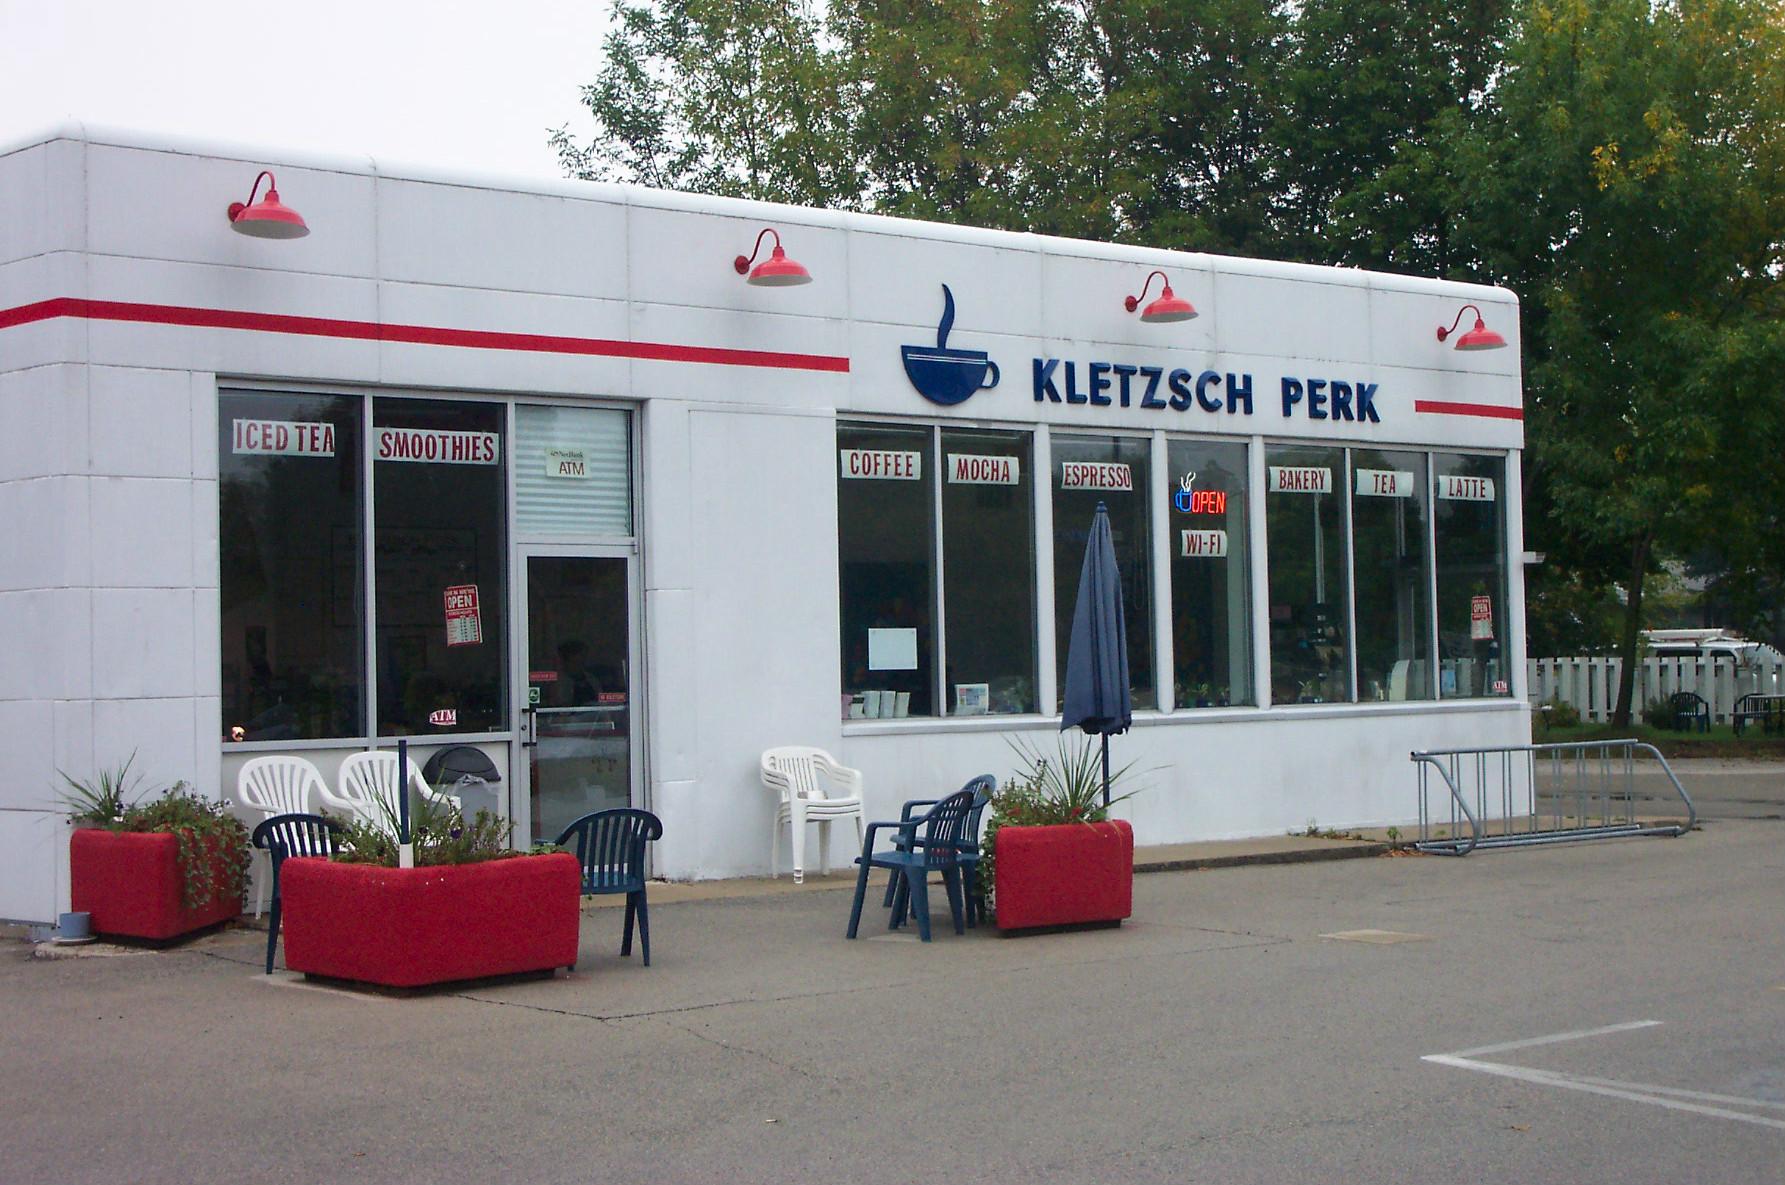 Kletzsch Perk